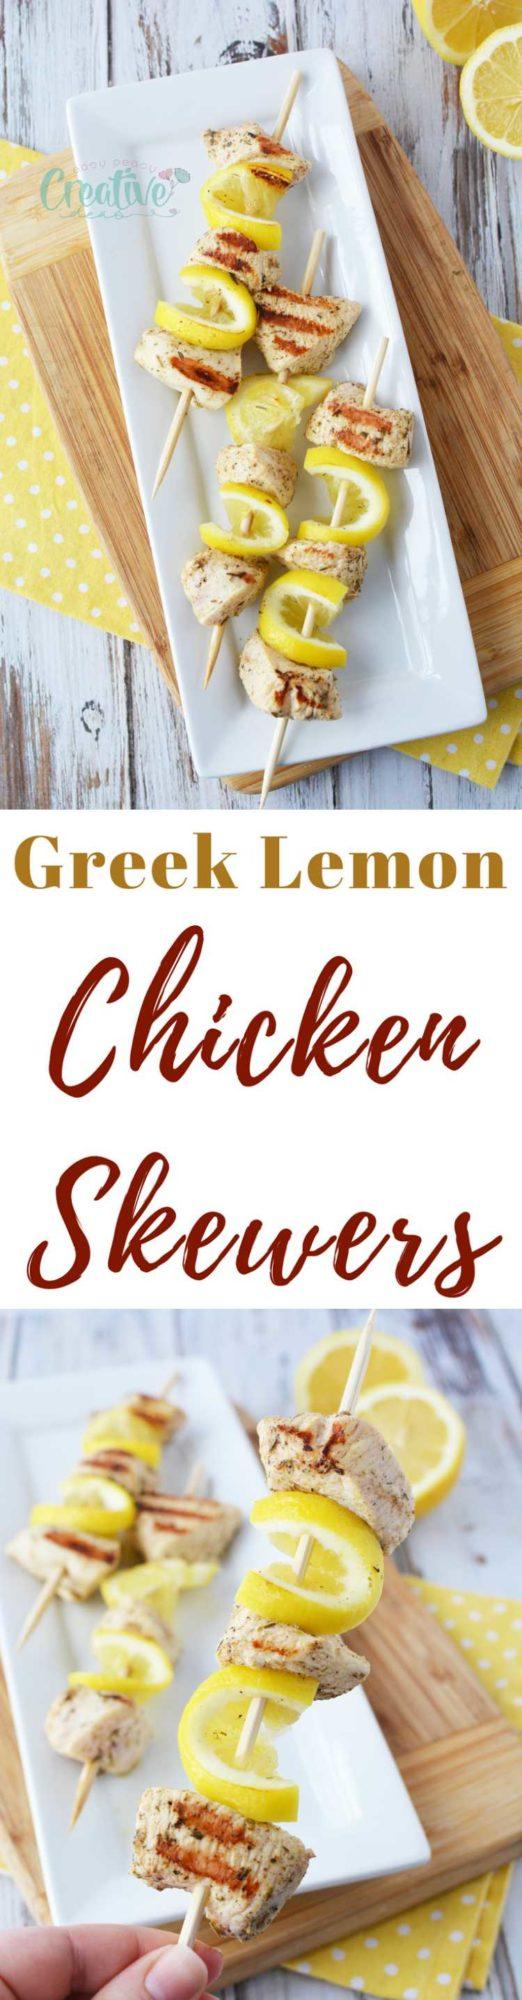 Lemon chicken skewers